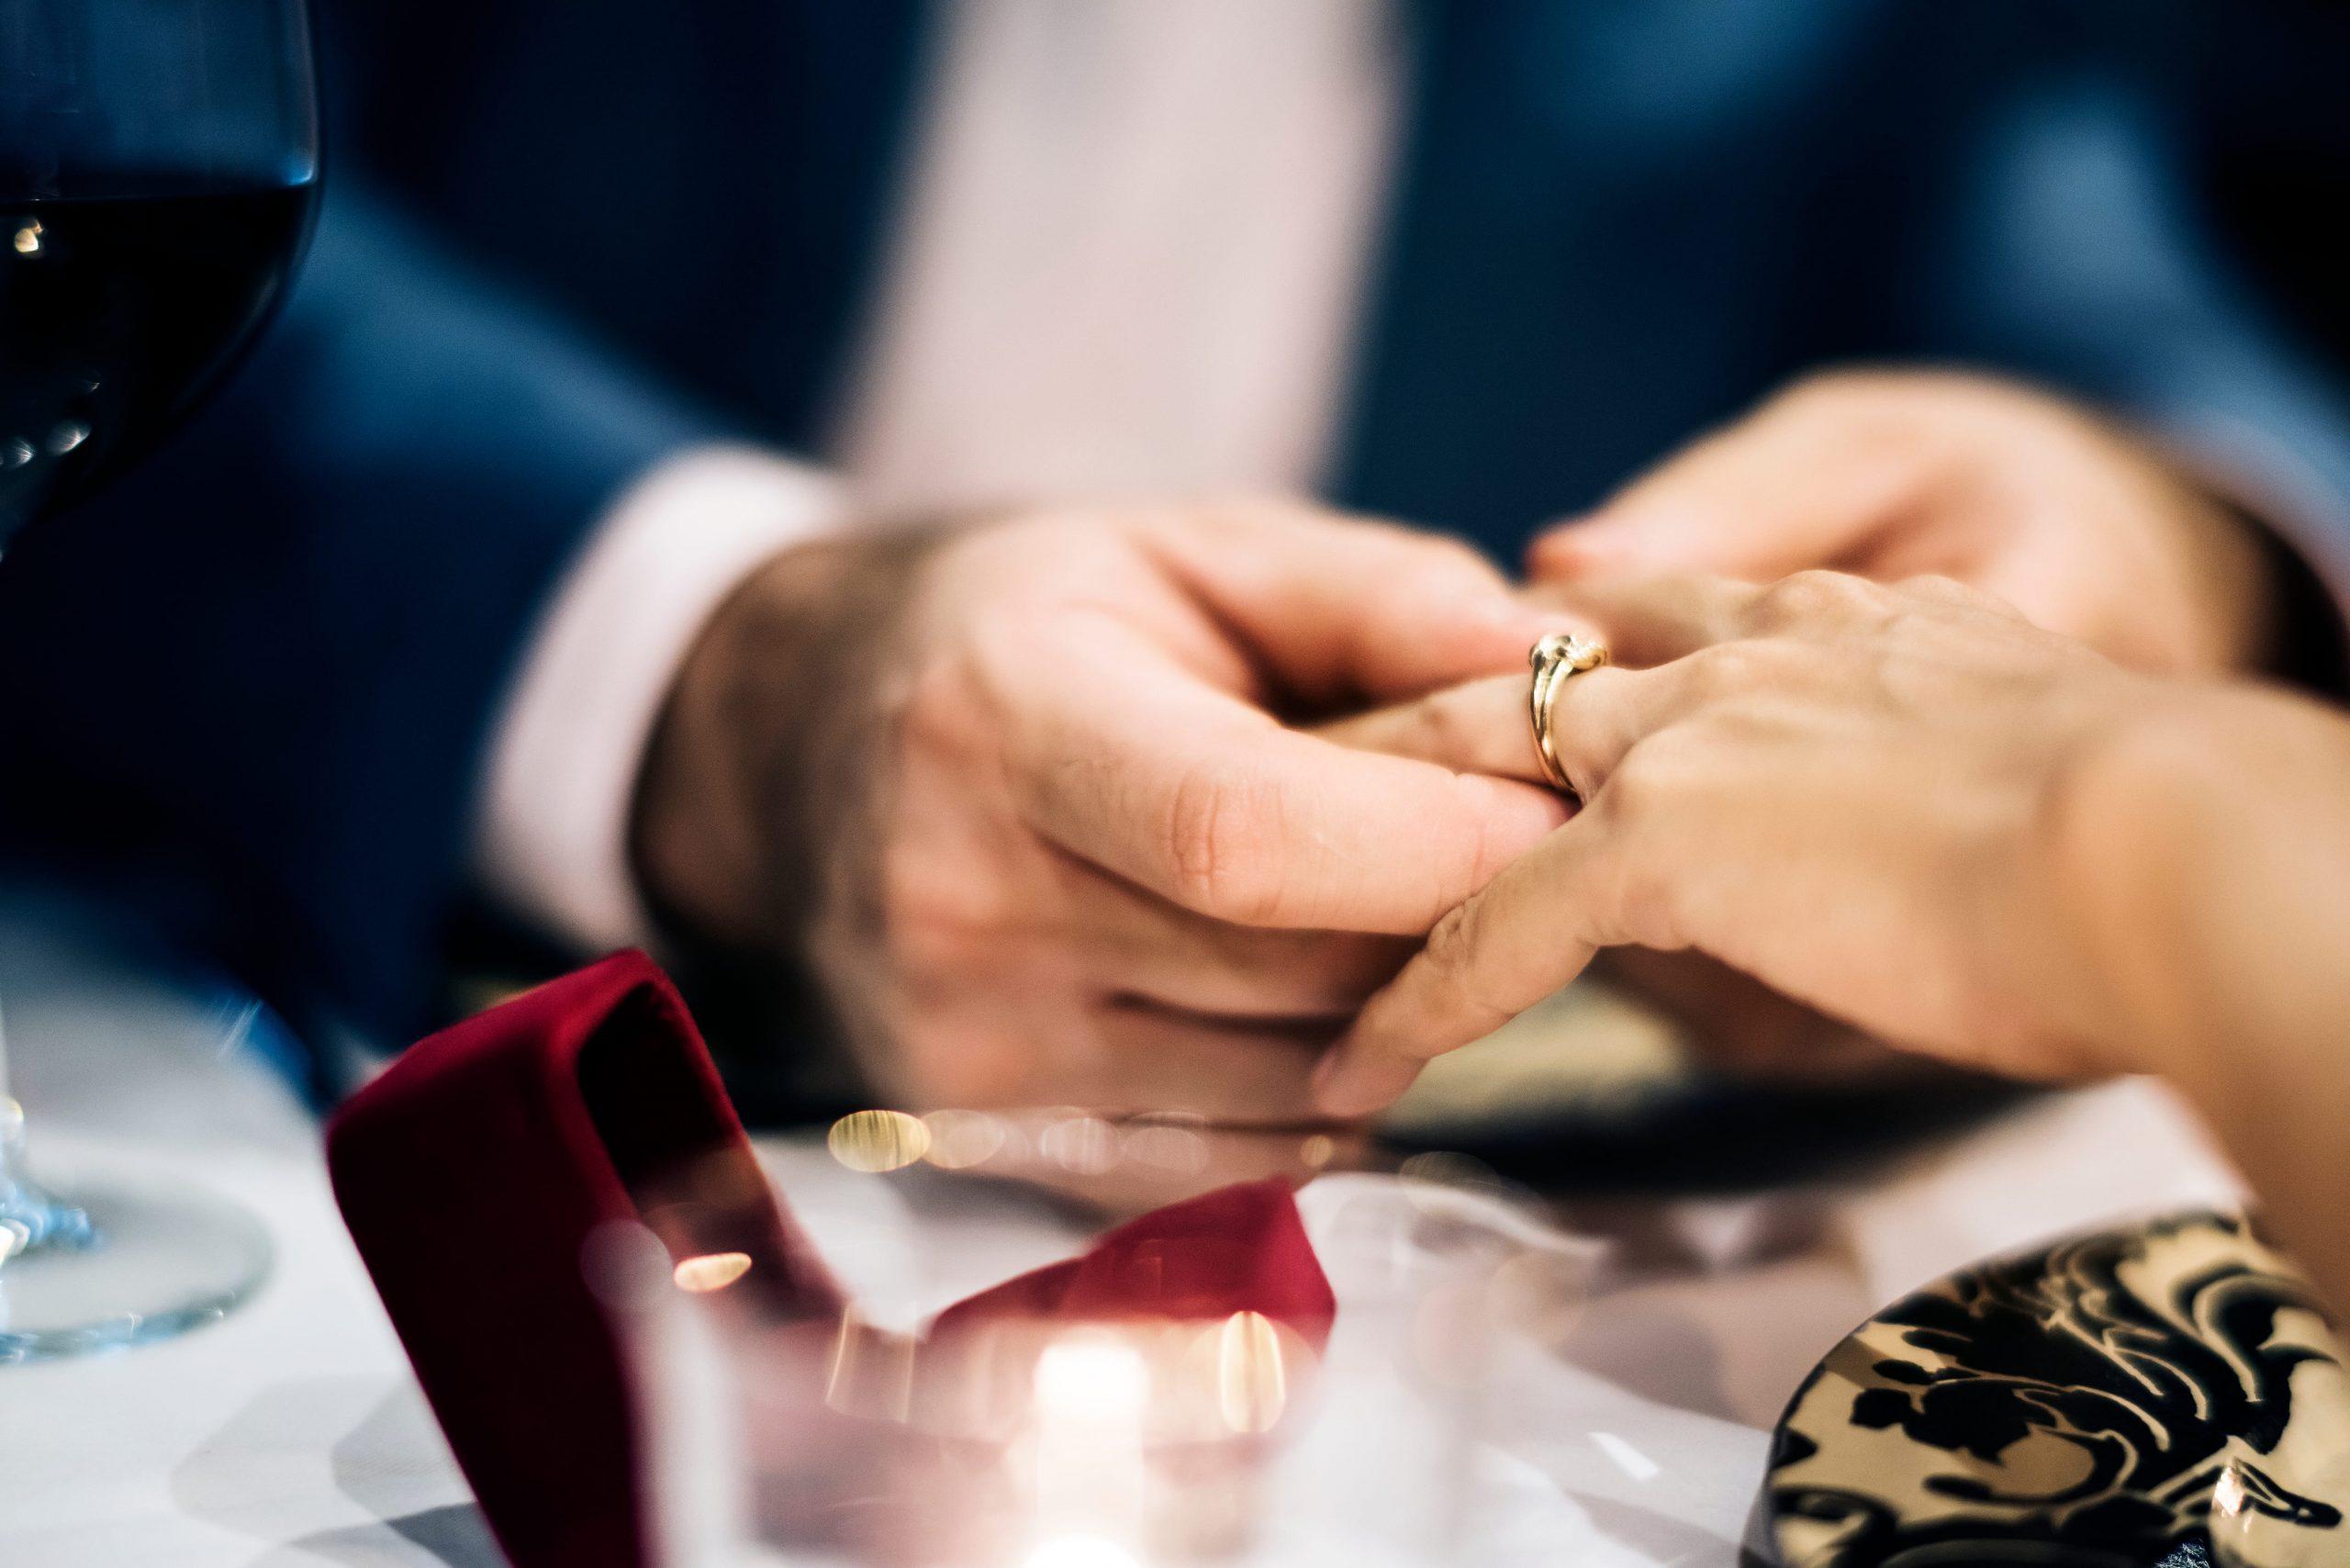 結婚を決めるタイミングはいつ?ゴールインが叶う最適な時期とは